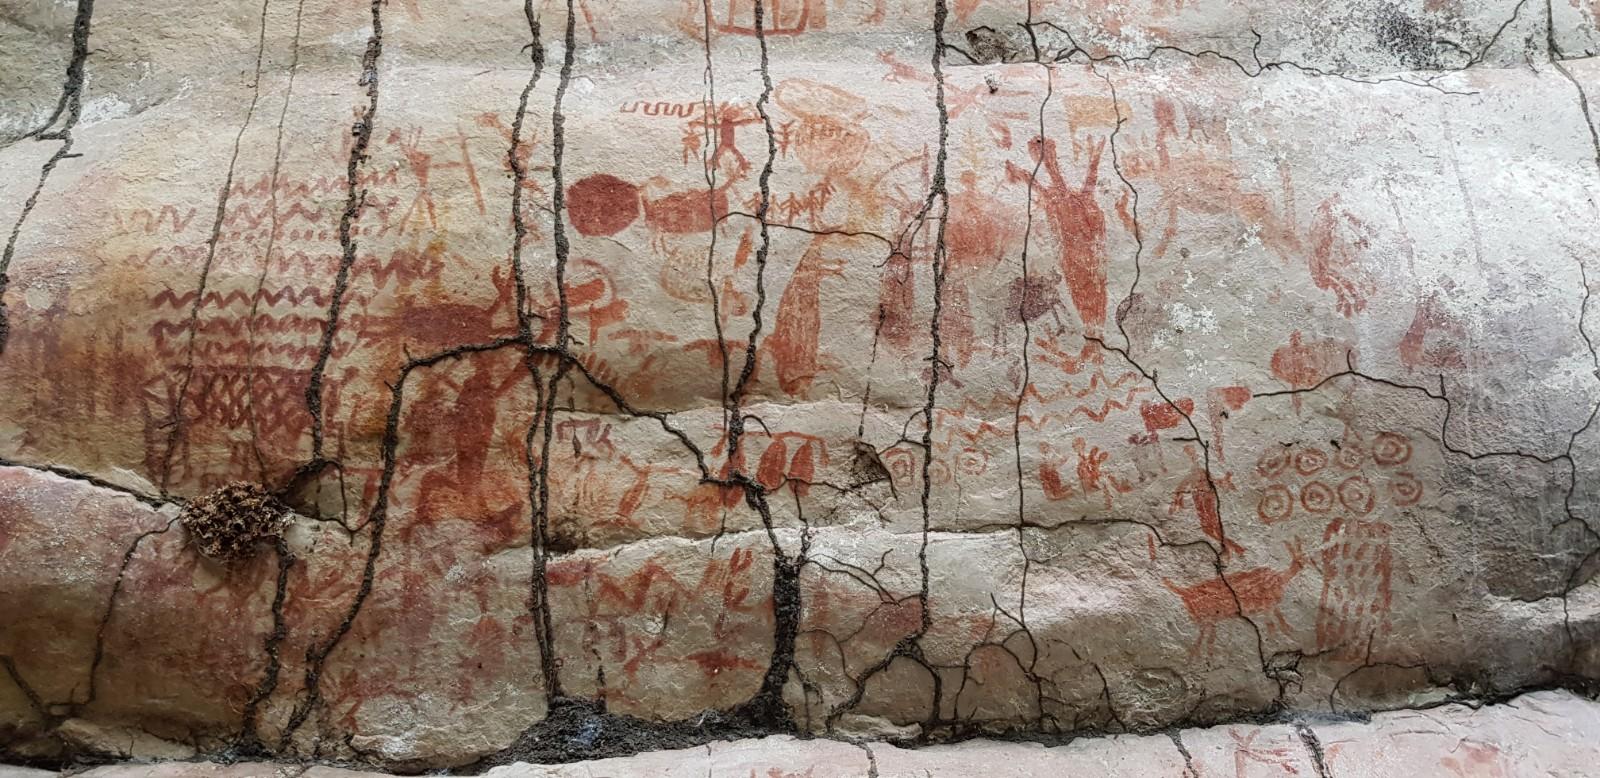 Caverna Cerro Azul com imagens de mastodontes